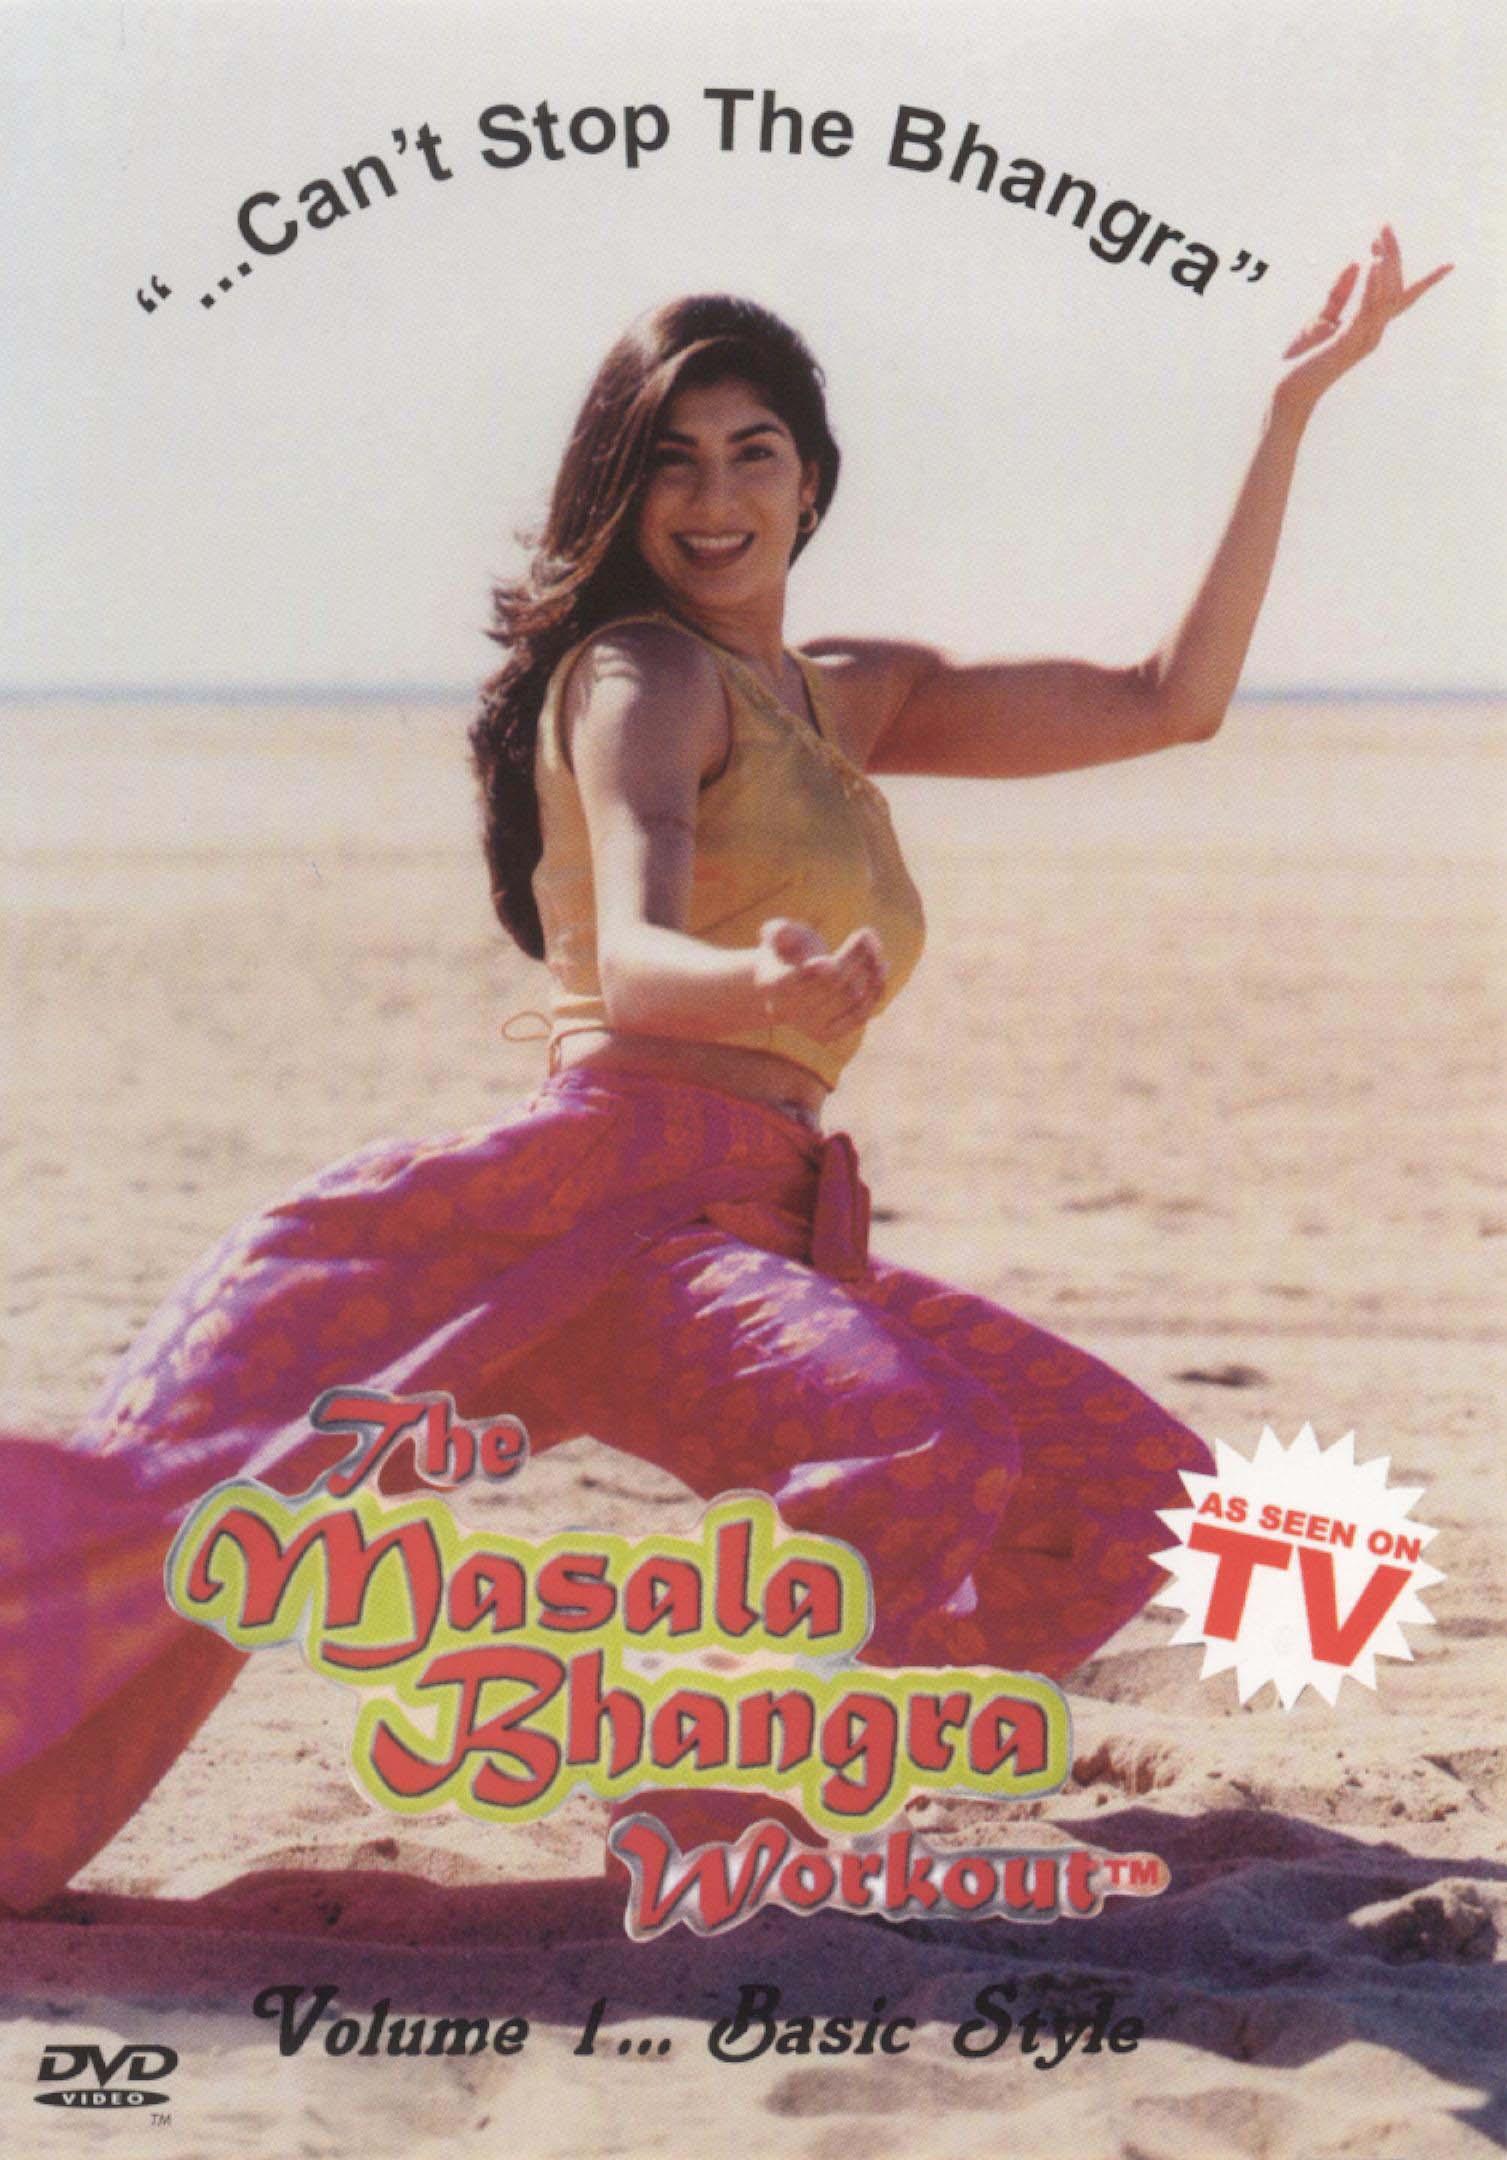 Masala Bhangra Workout, Vol. 1: Basic Style